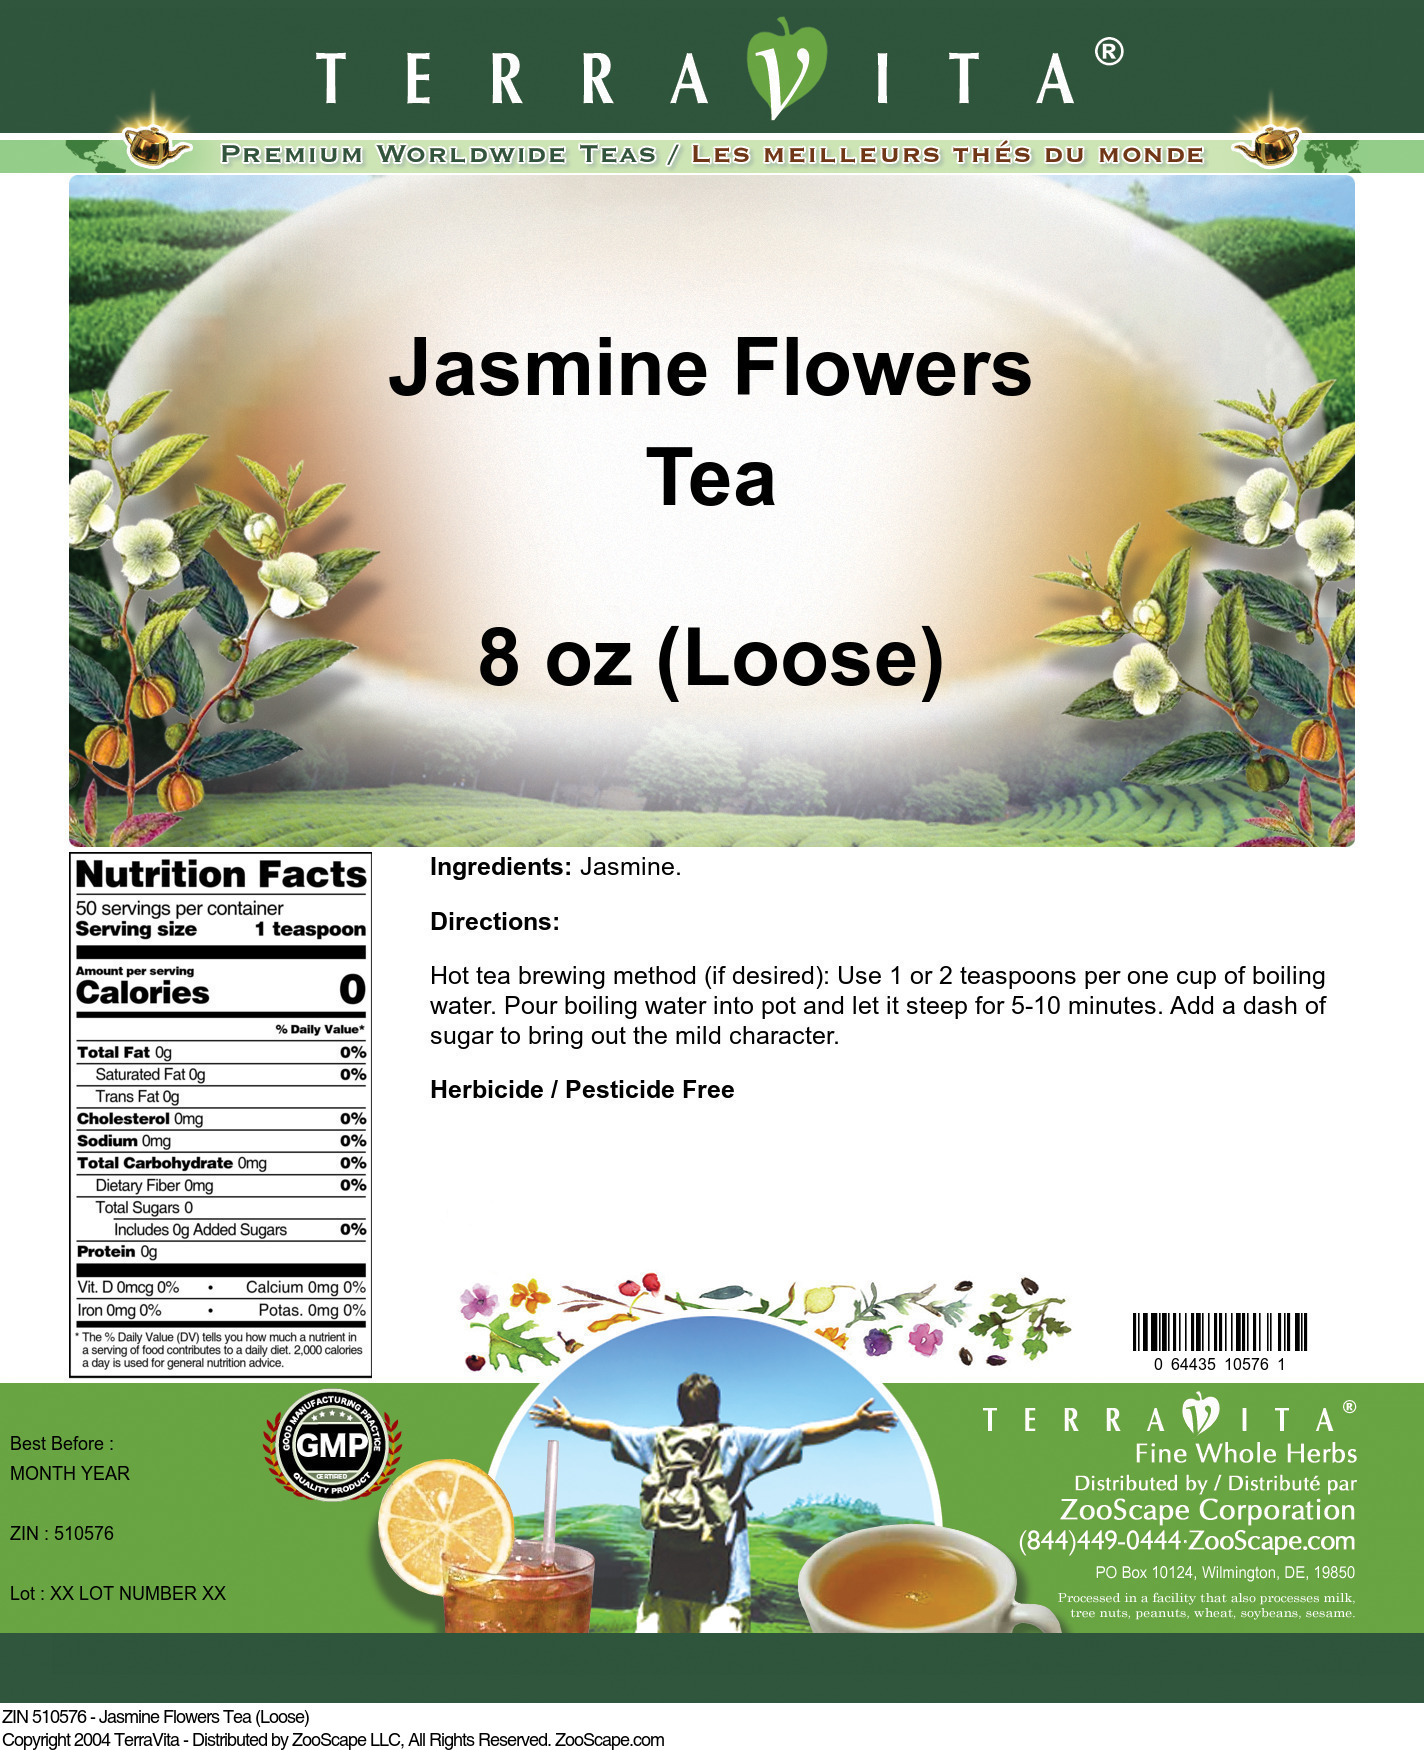 Jasmine Flowers Tea (Loose)